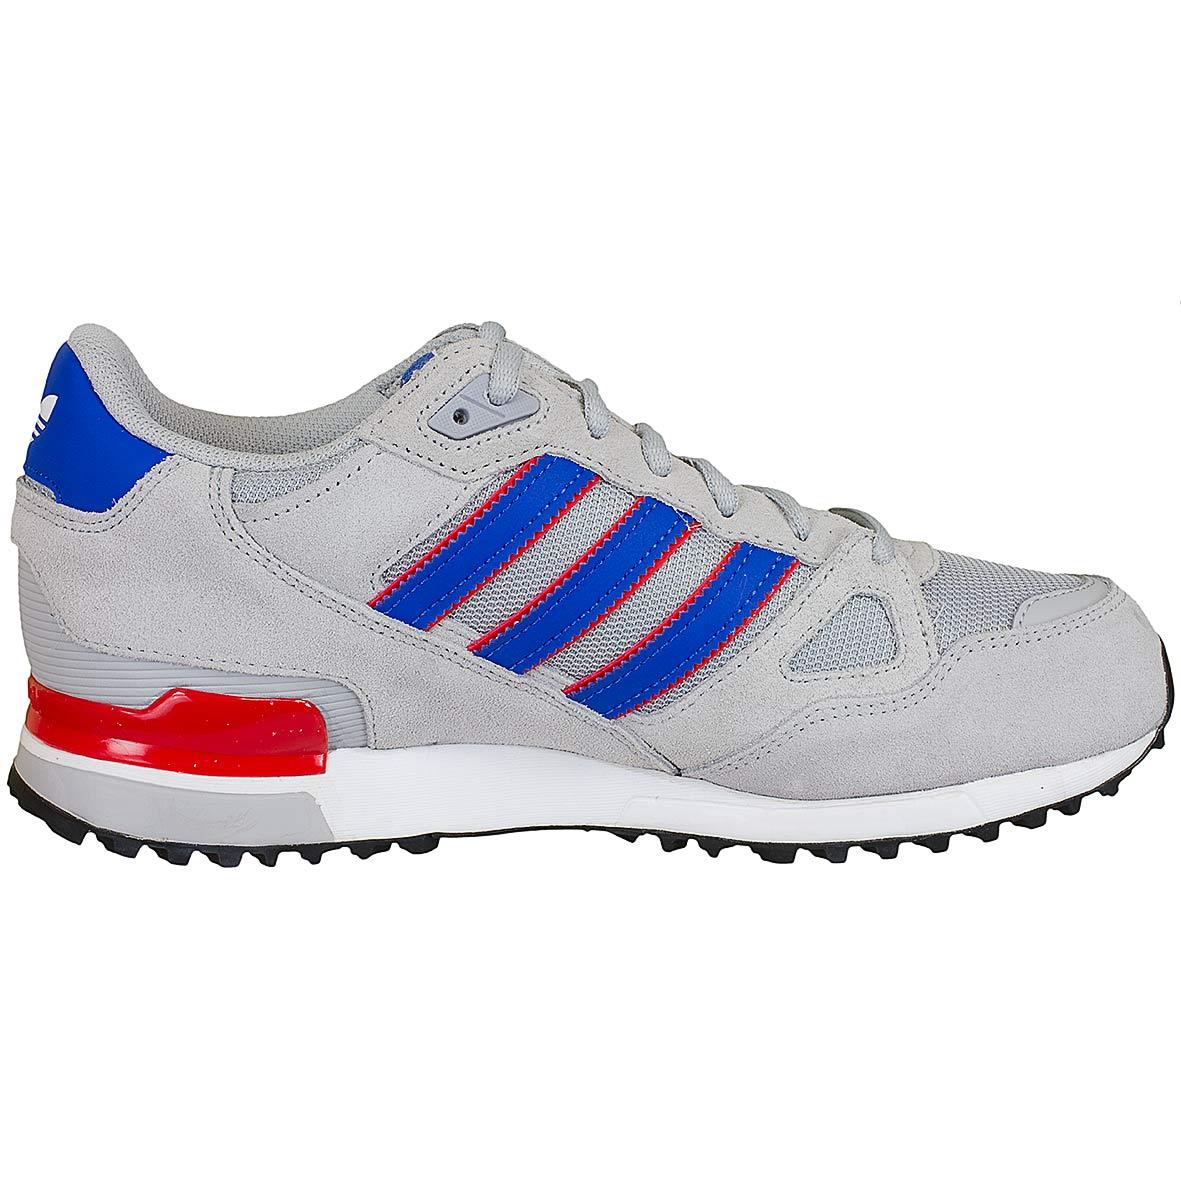 germany adidas originals zx 750 grau 6efc2 52fa9